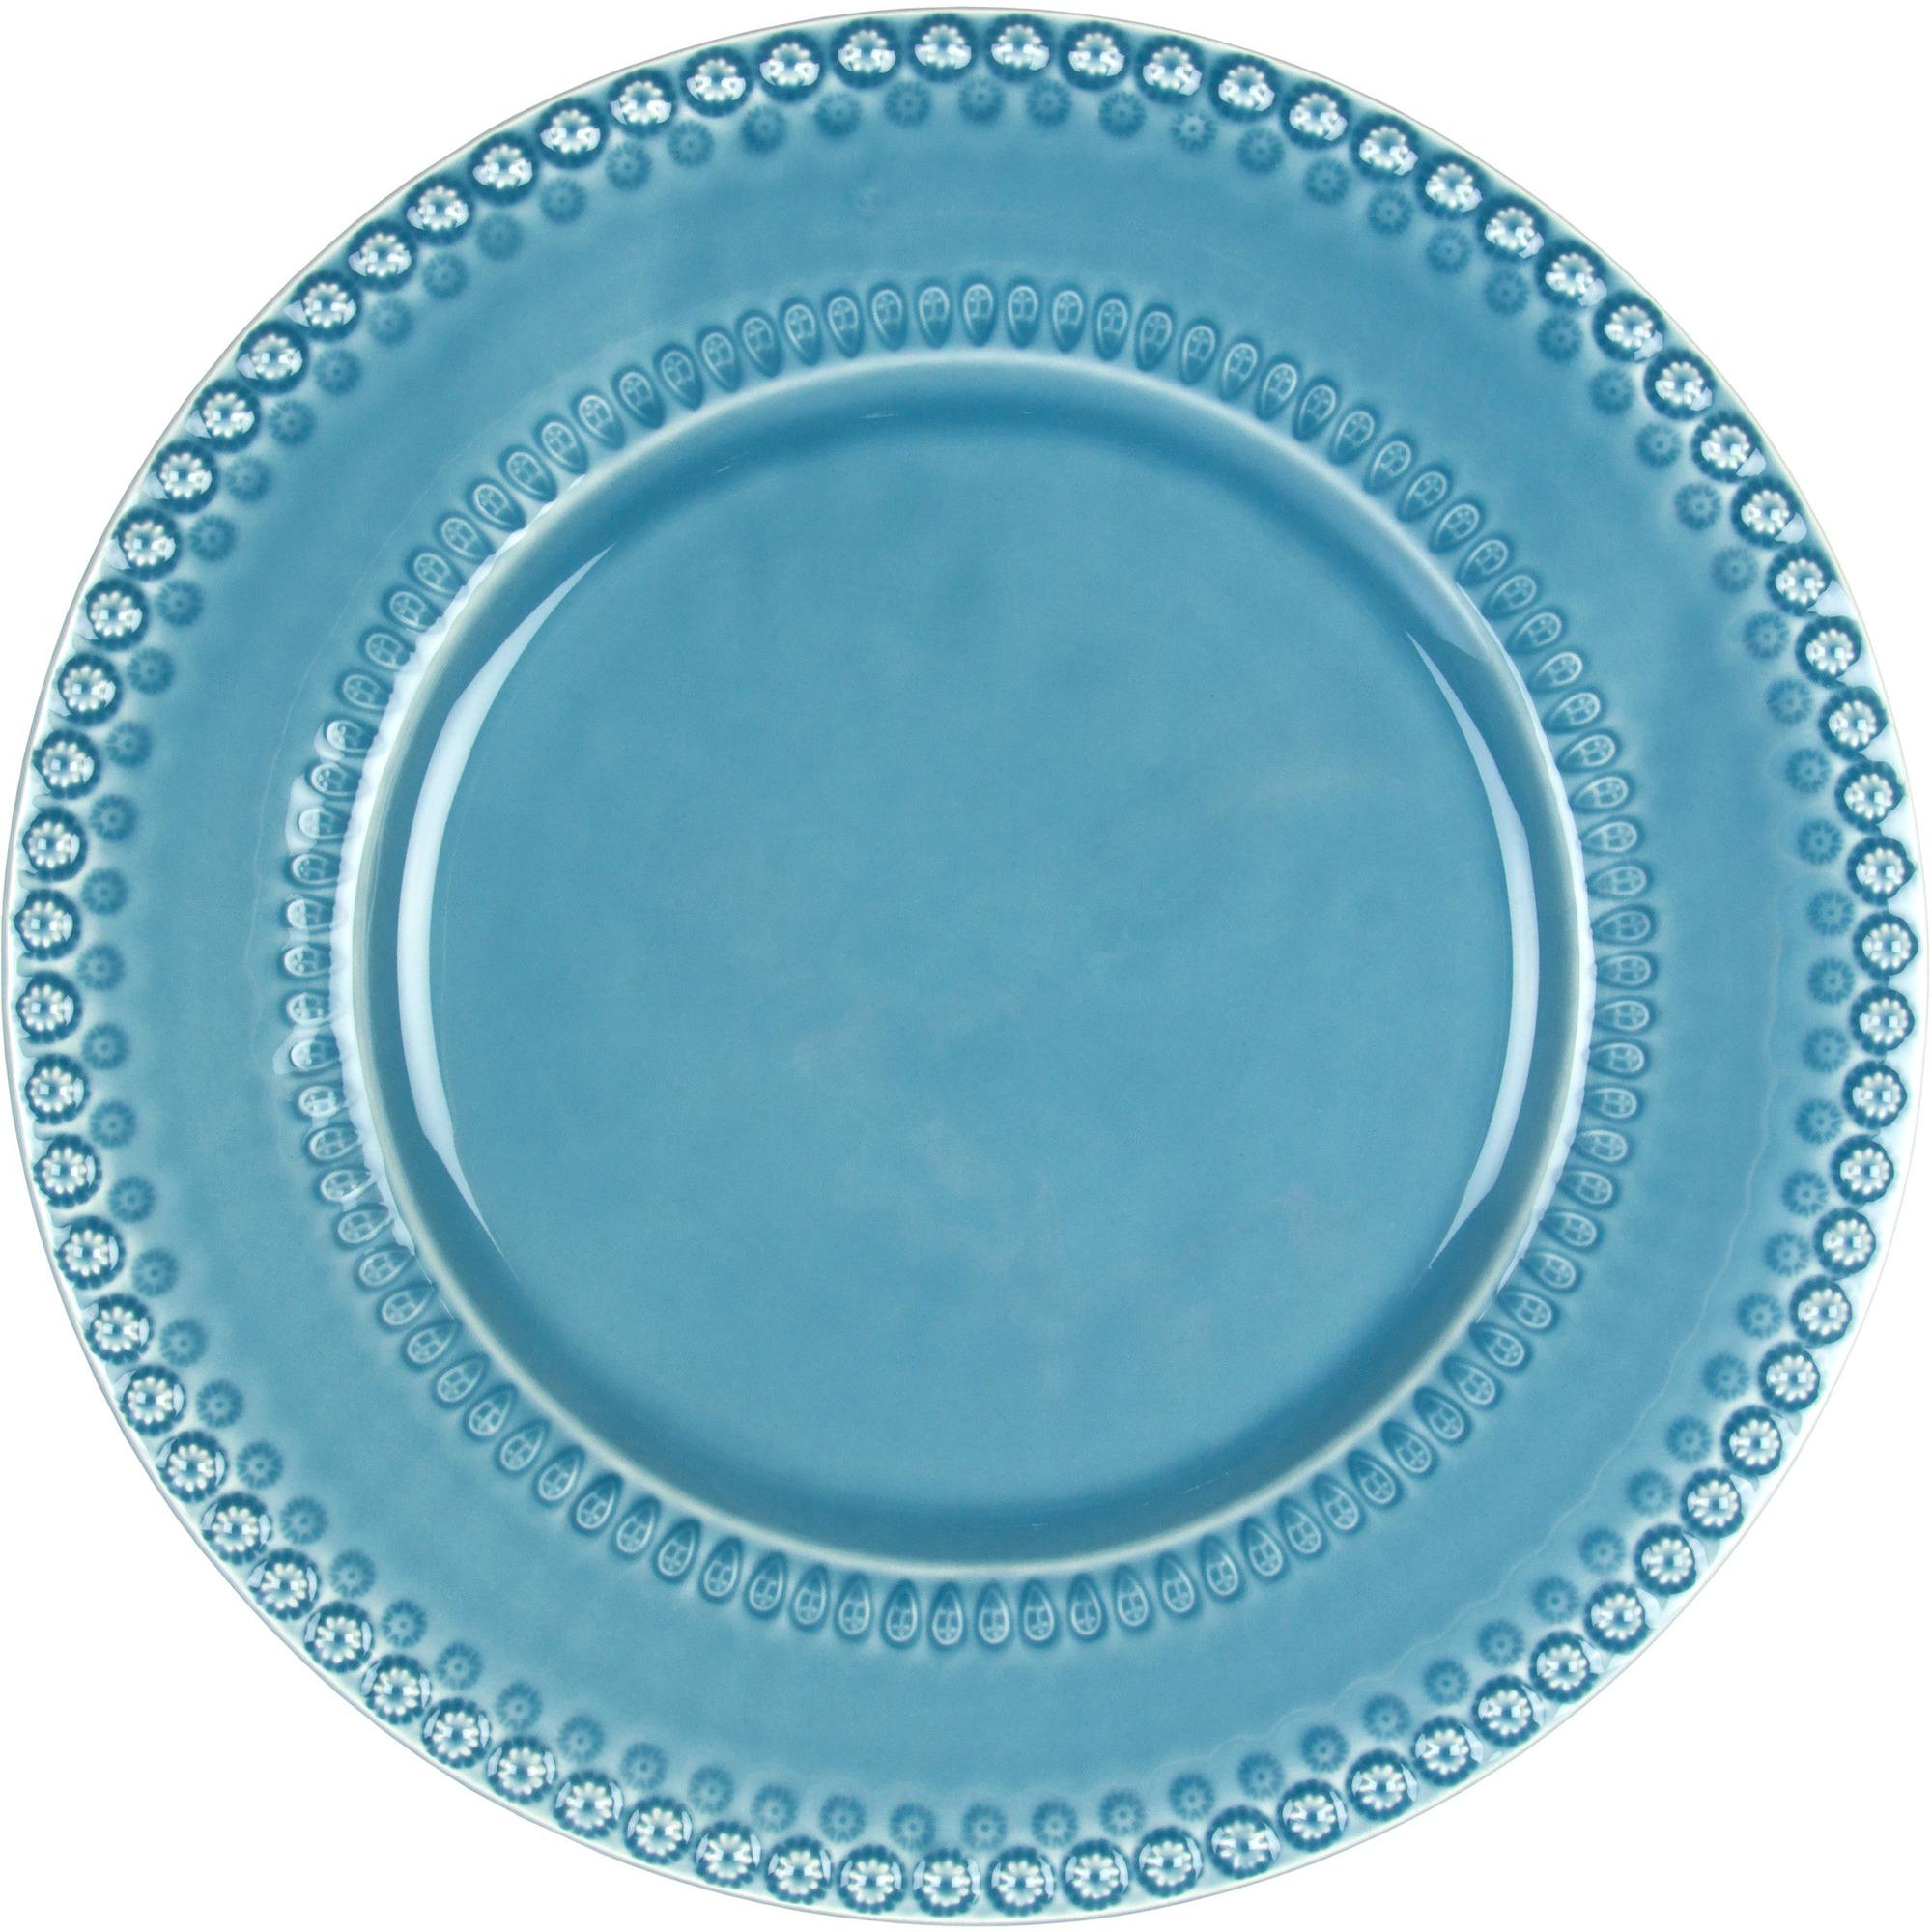 PotteryJo Daisy Underläggstallrik 35 cm Dusty Blue